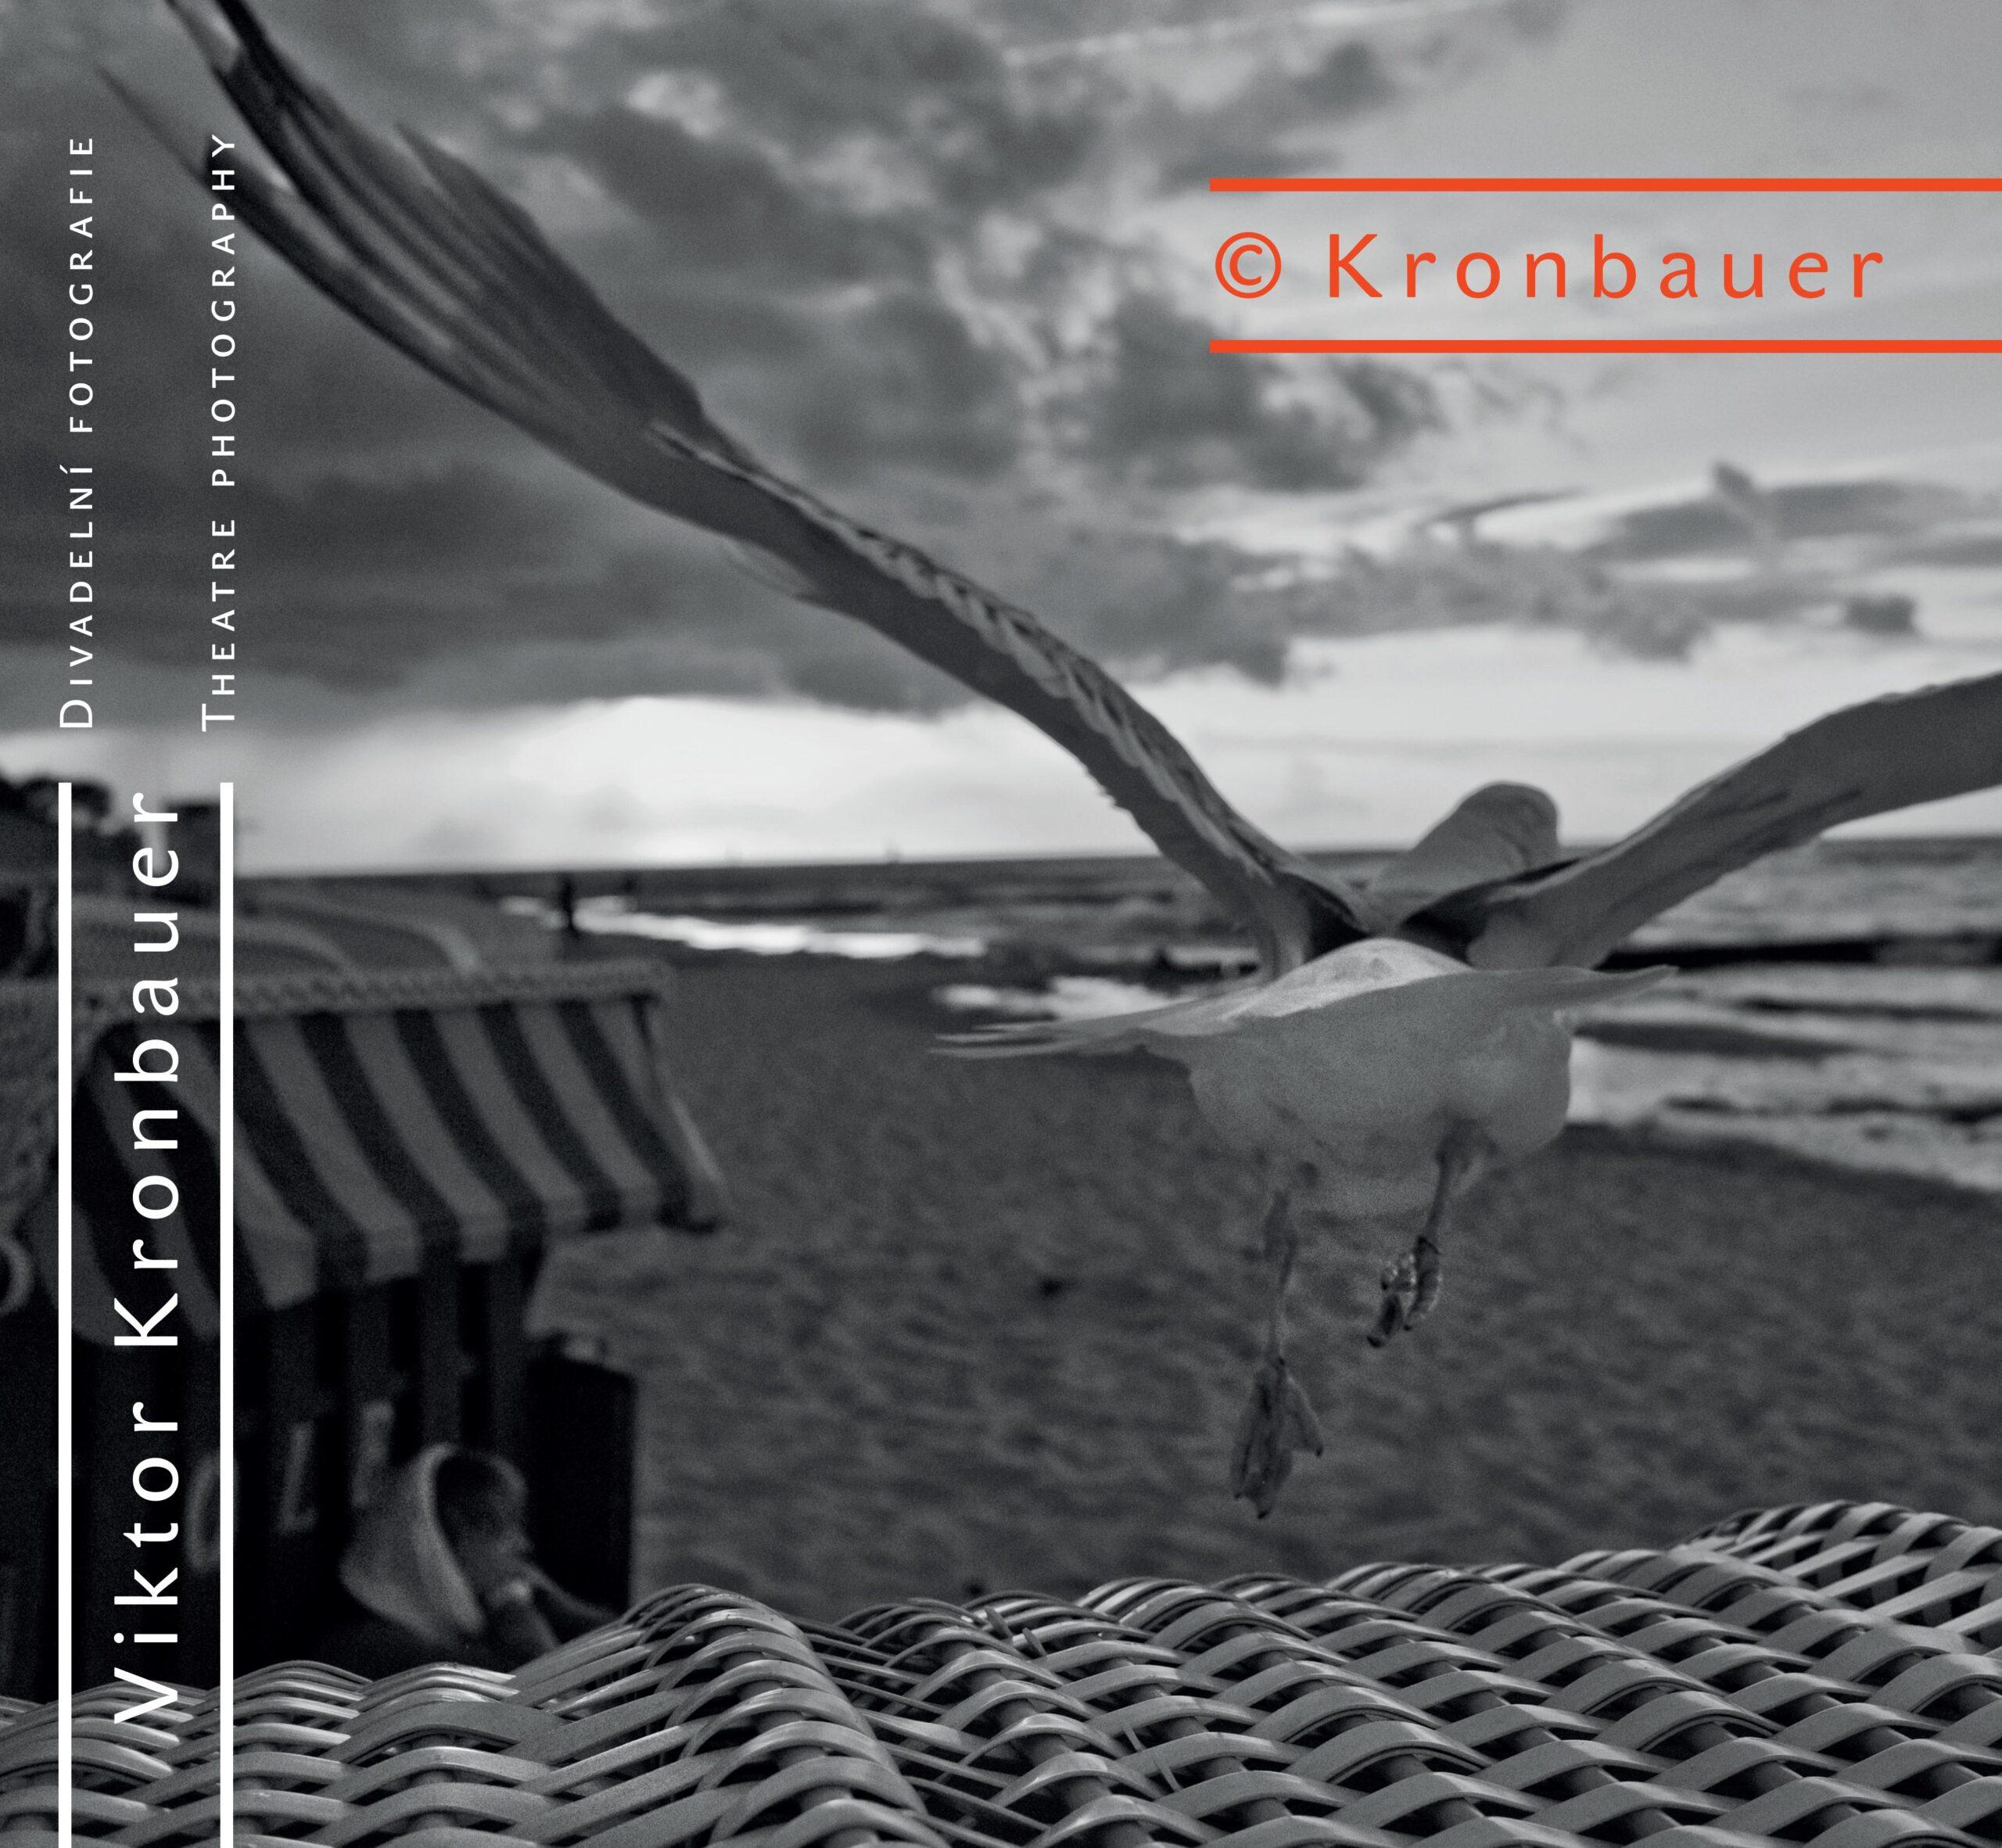 Viktor Kronbauer – Divadelní Fotografie